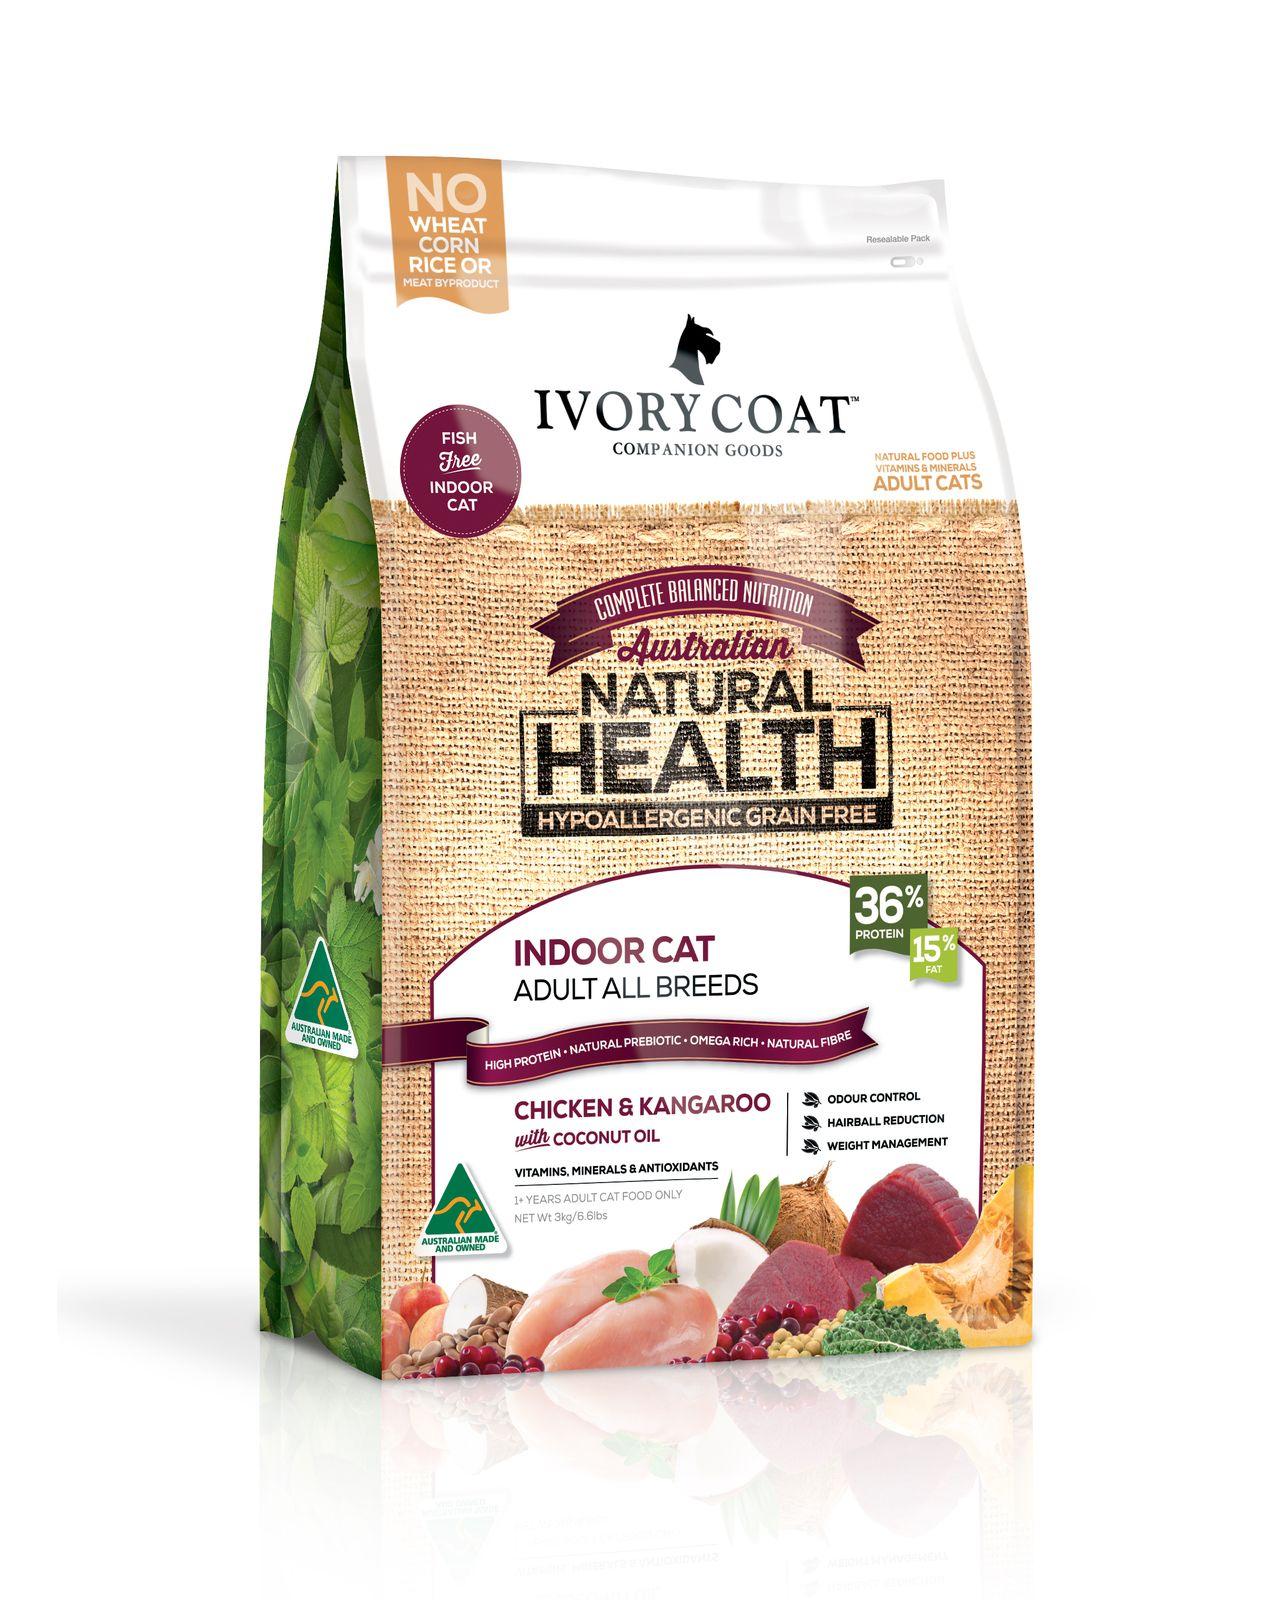 Ivory Coat Indoor Cat Chicken Kangaroo Dry Cat Food Kitten Food Dry Cat Food Healthy Meals For Two